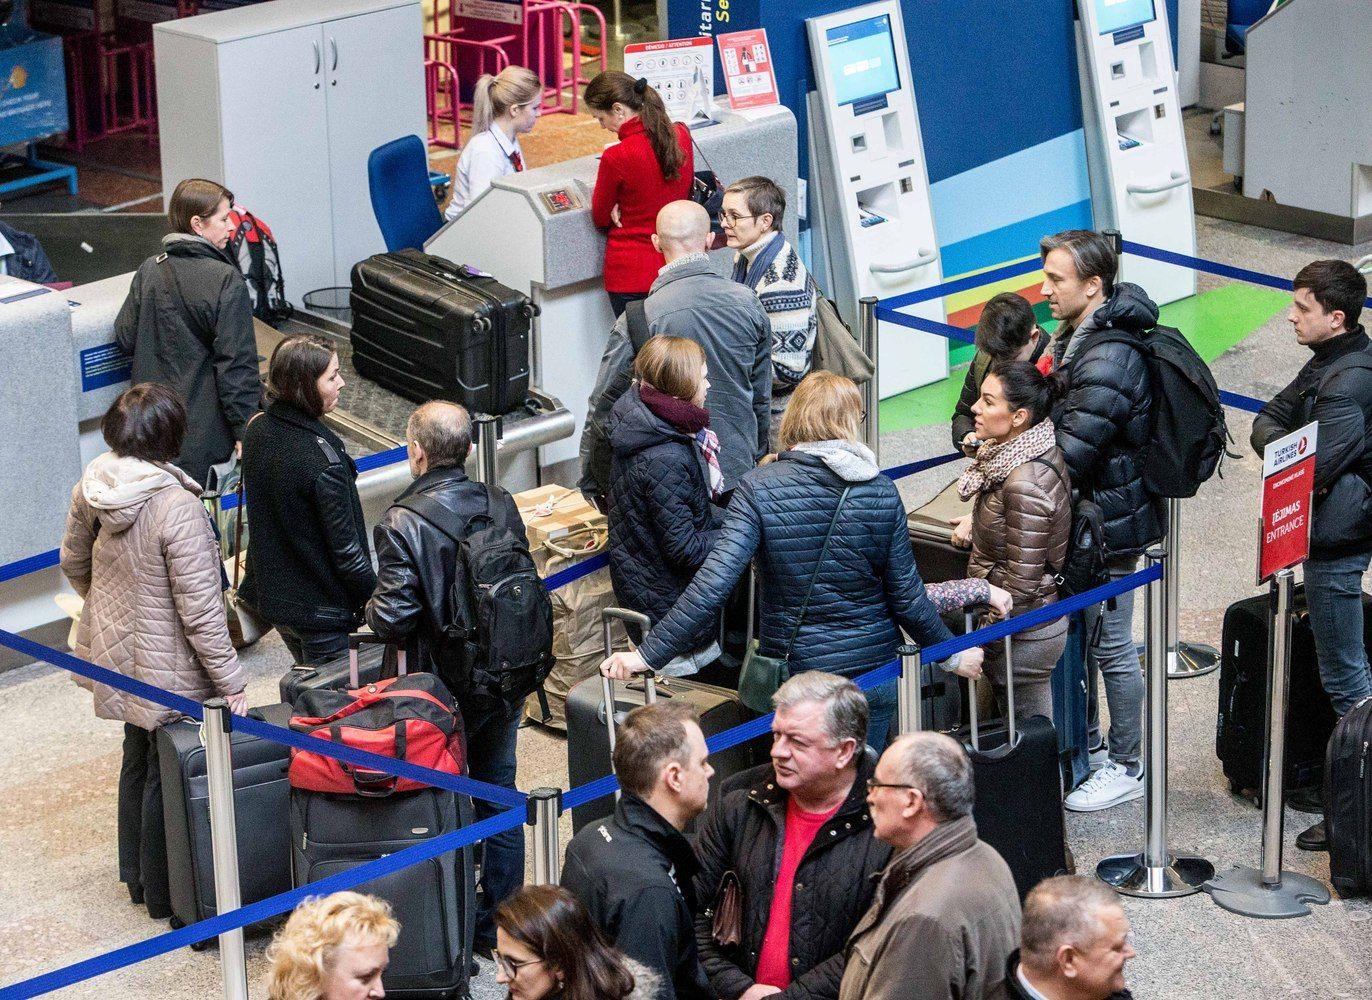 Vilniaus oro uoste rugsėjis rekordinis, bet 9 mėnesių rezultatai menkesni